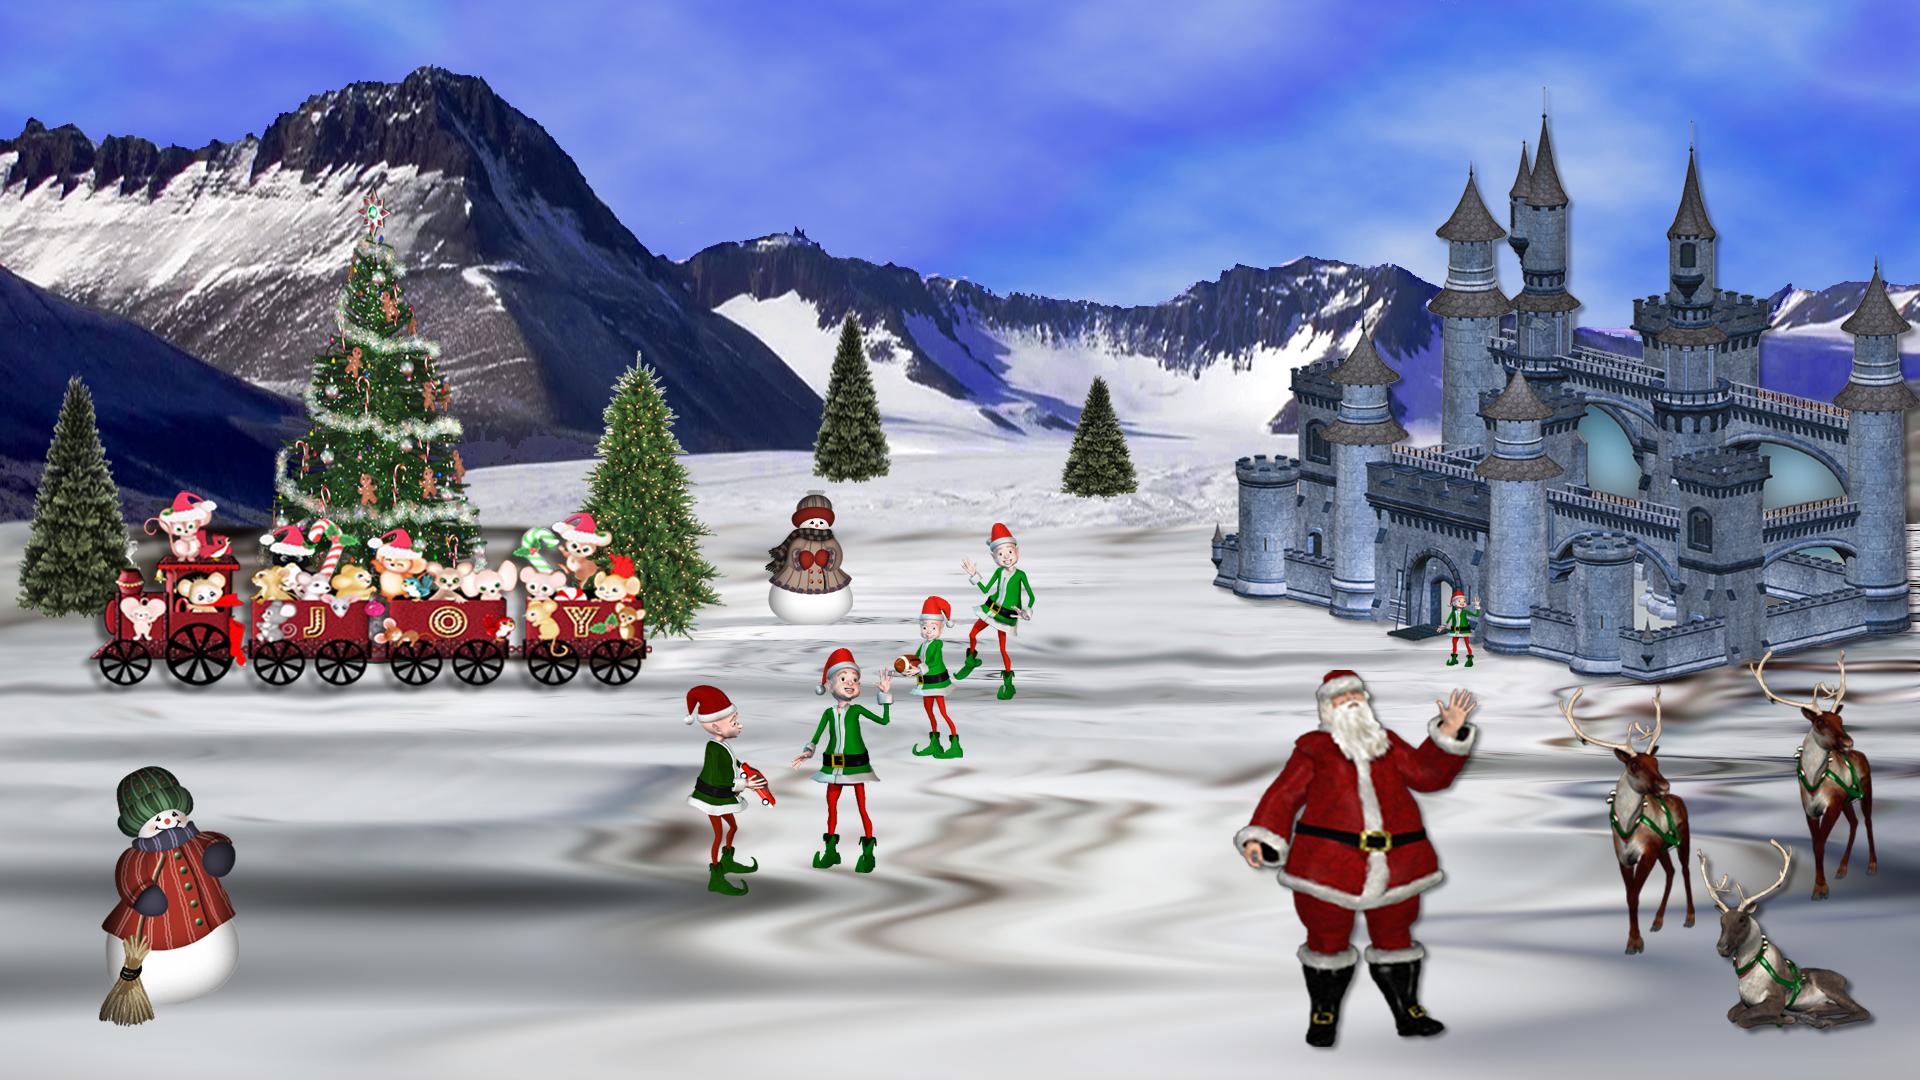 Gaming Desktop Christmas Wallpaper 4k